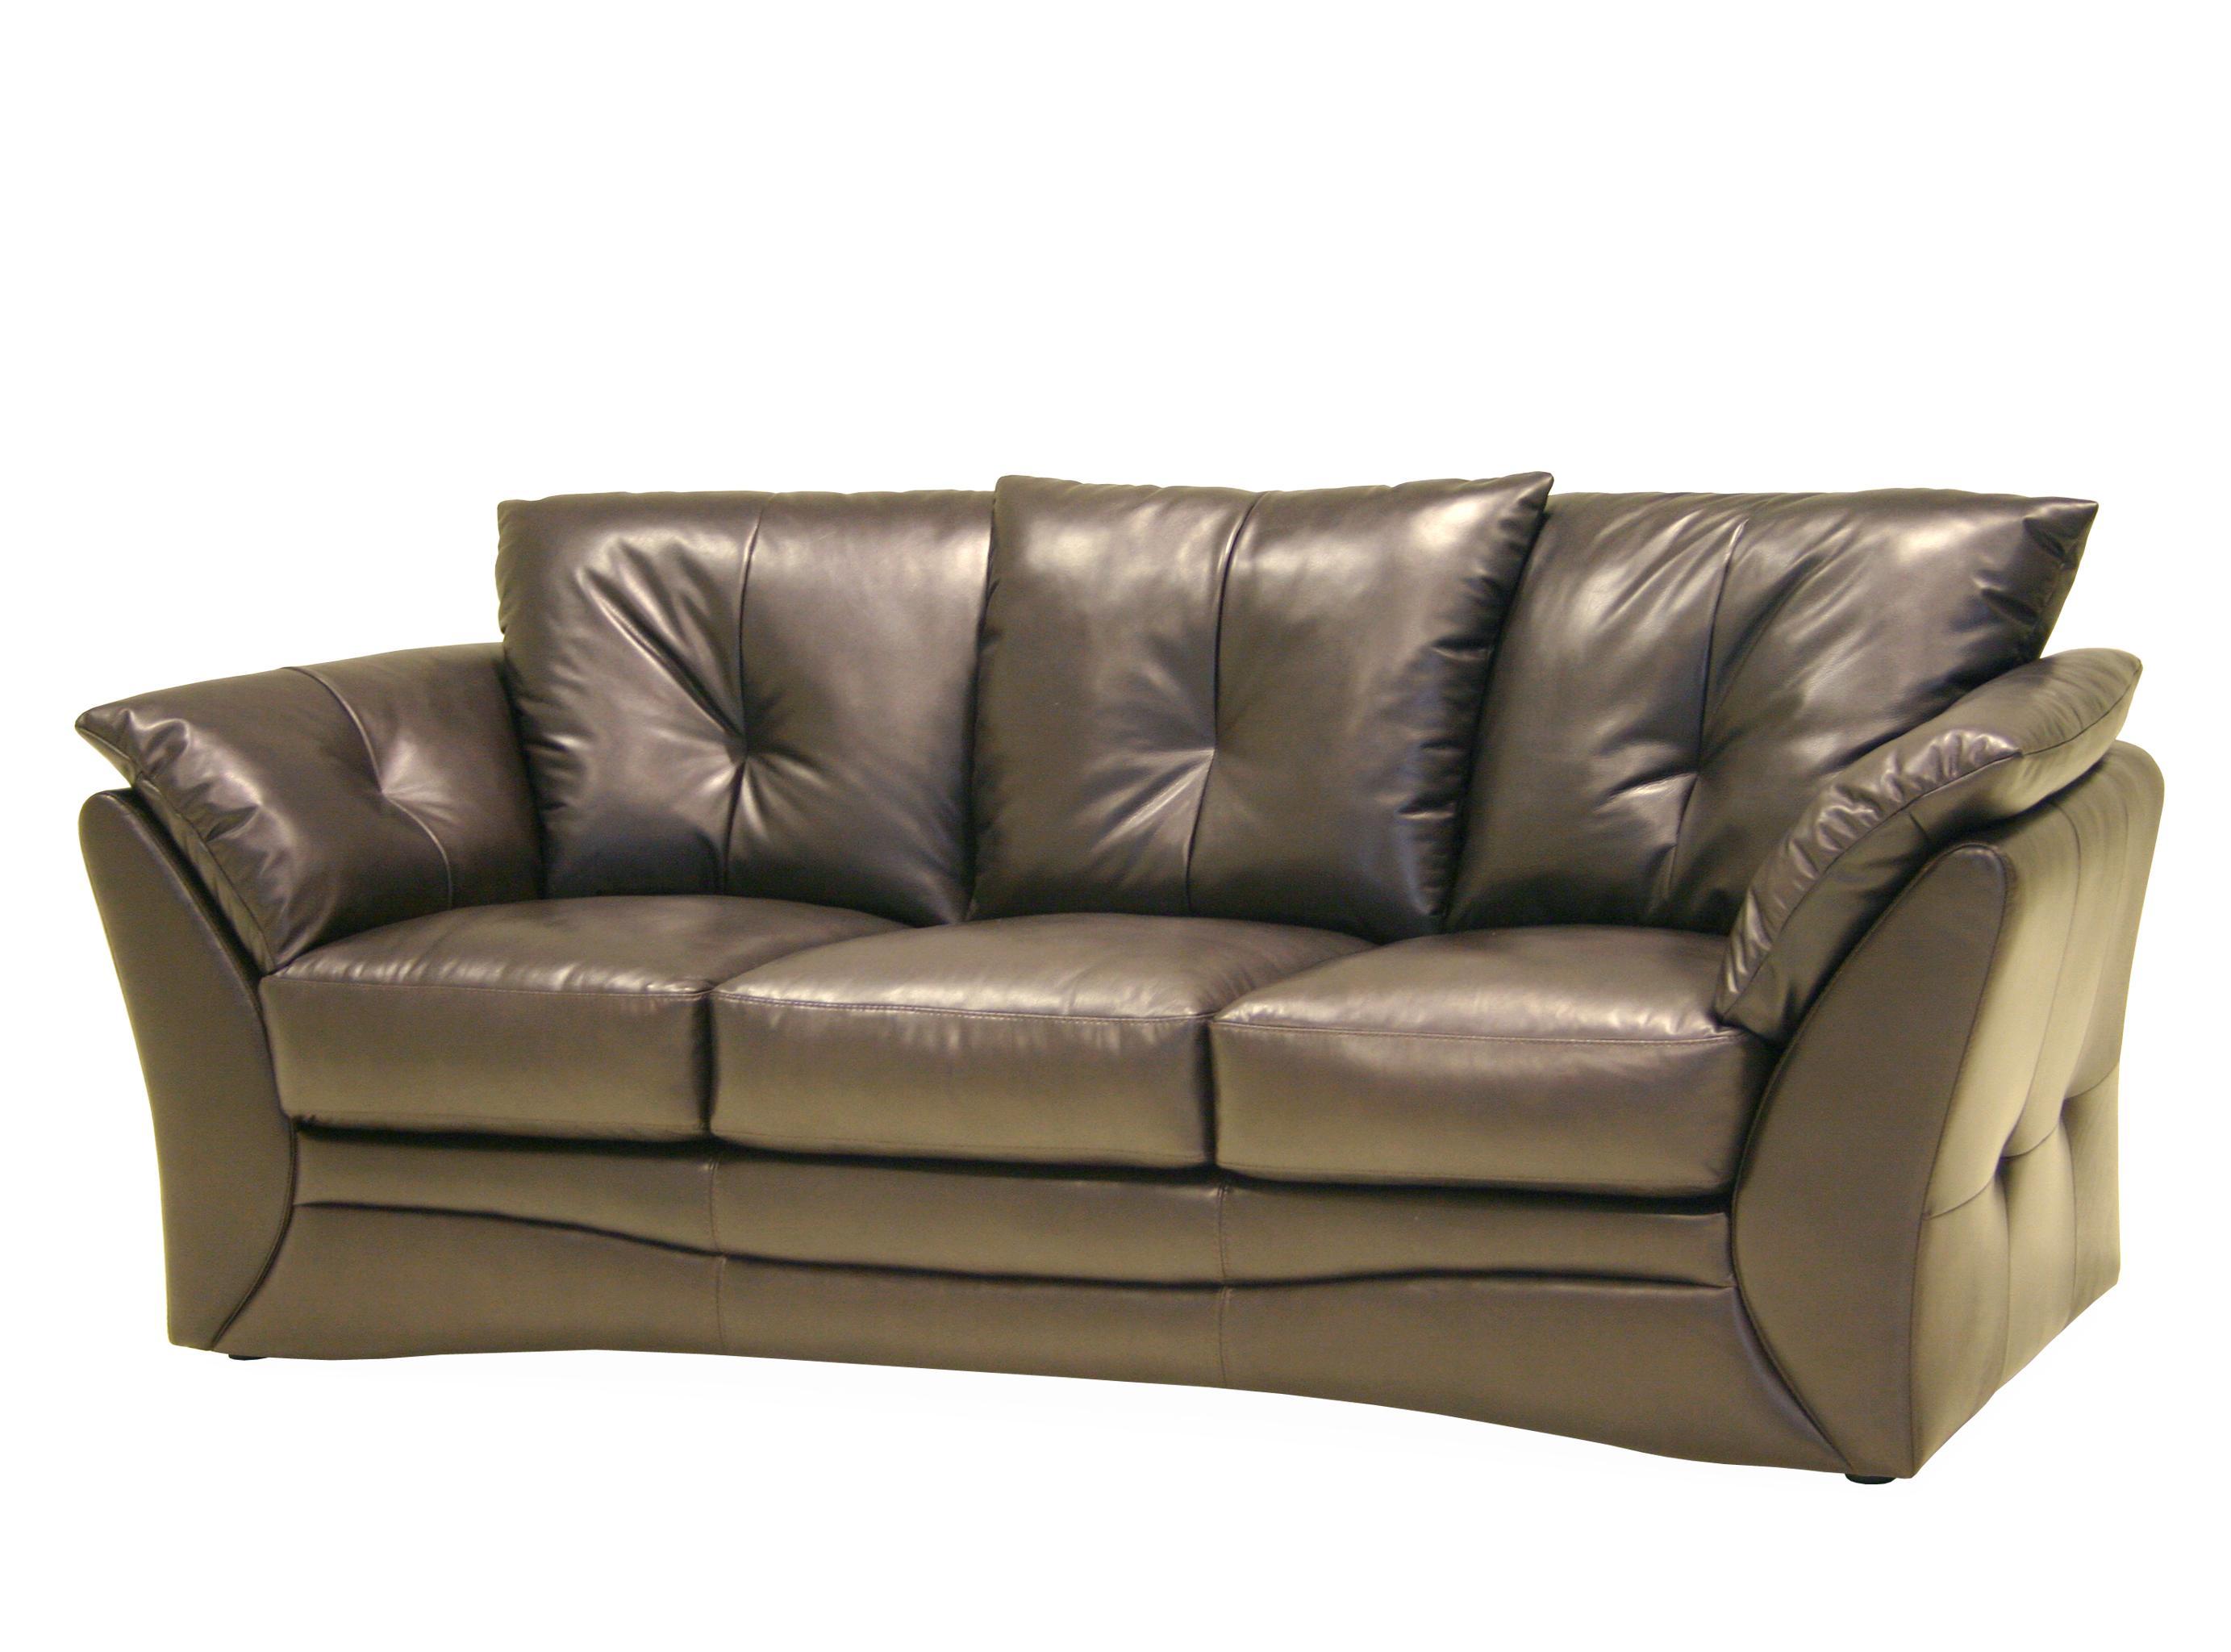 Htl 8638 Contemporary Leather Sofa Fashion Furniture Sofa